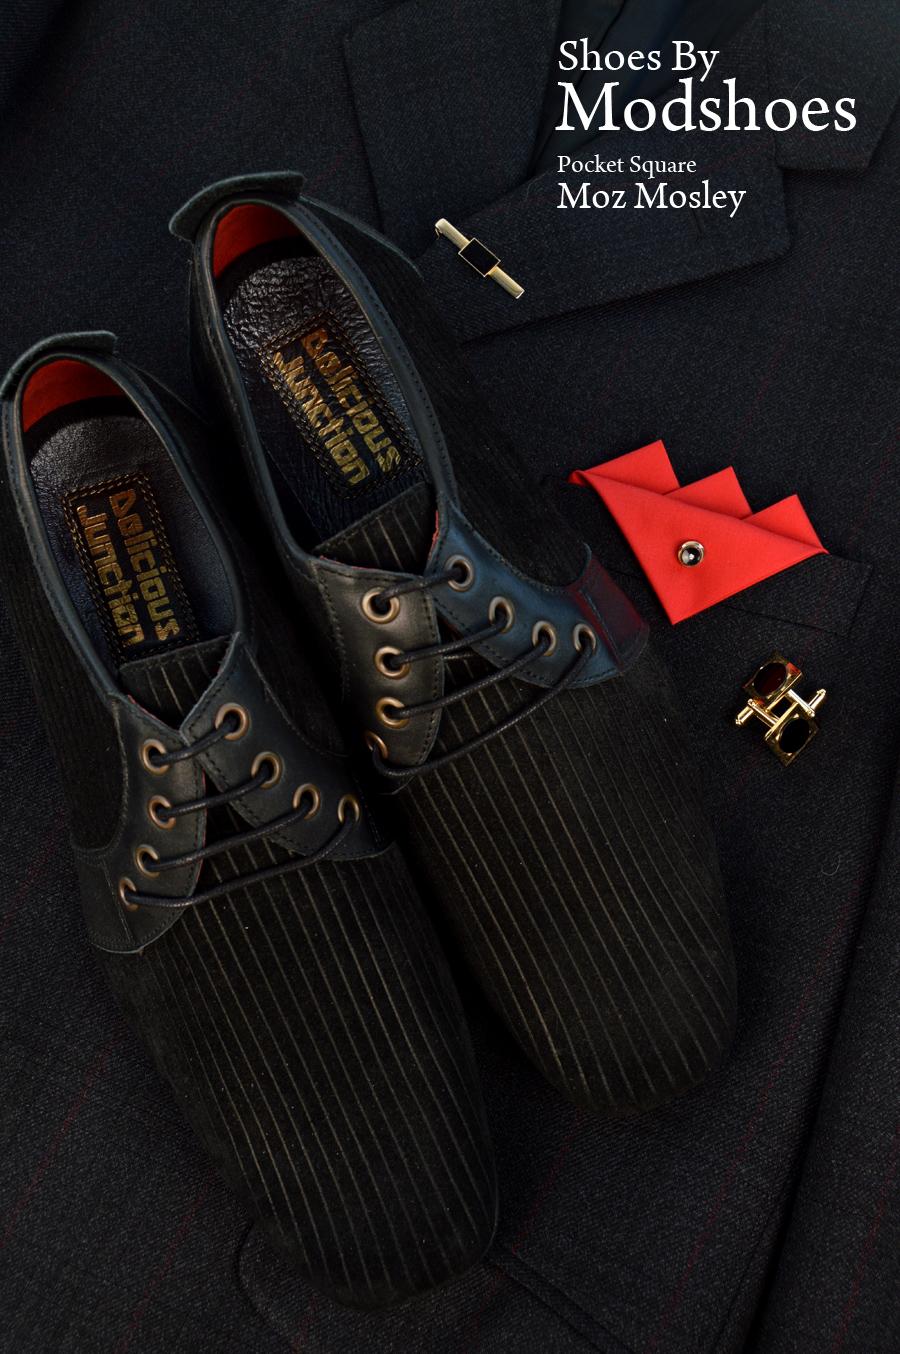 modshoes-black-cord-shoes-01